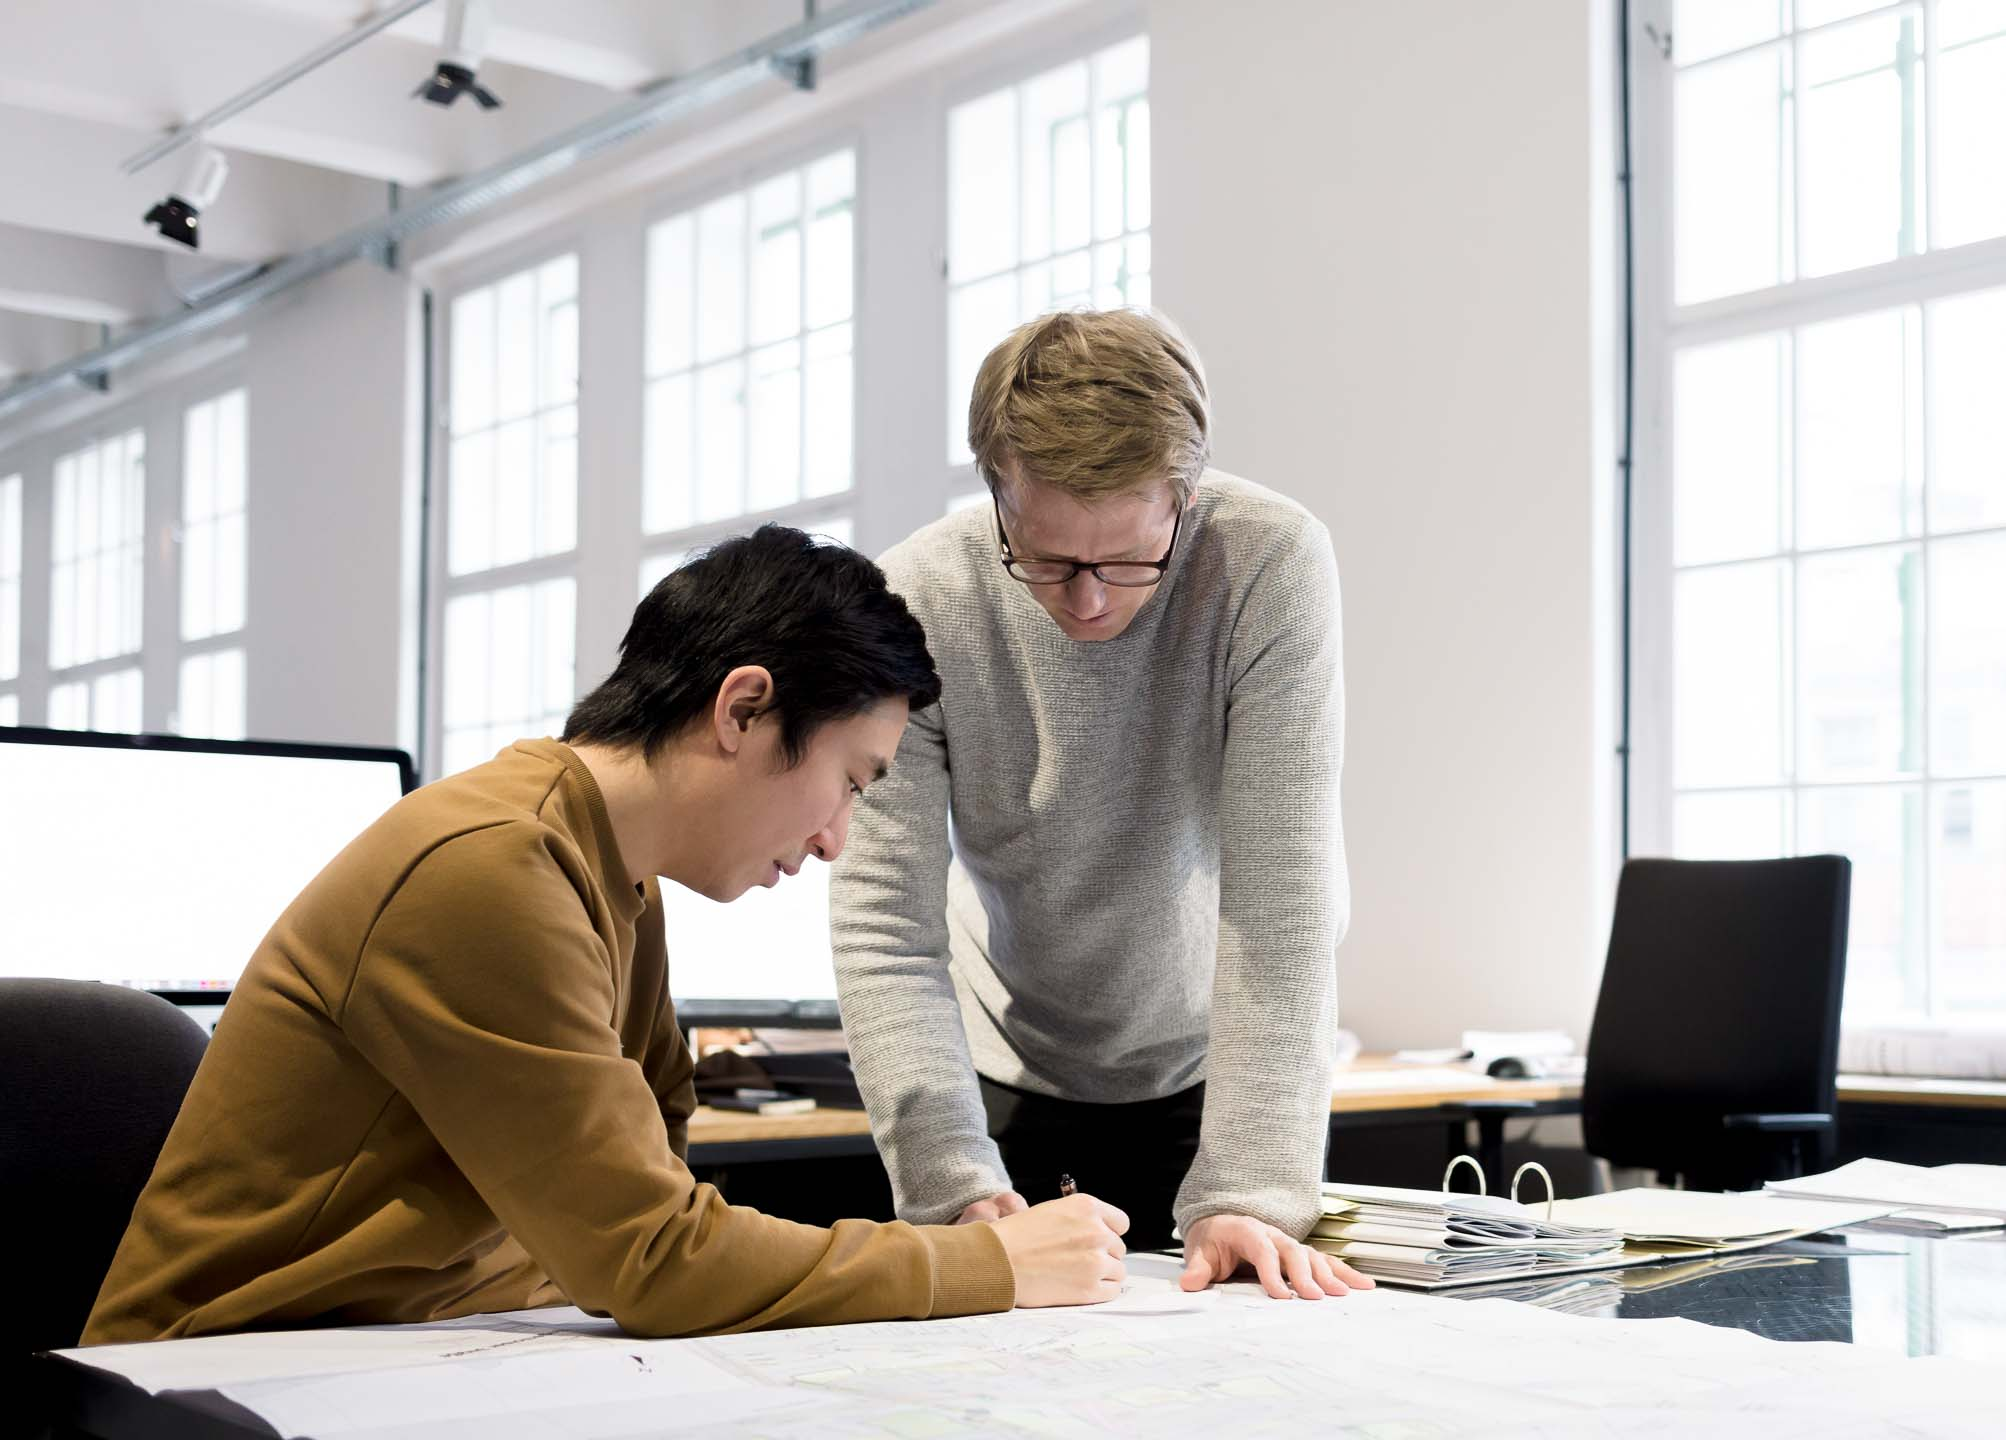 Zwei Architekten besprechen Plan